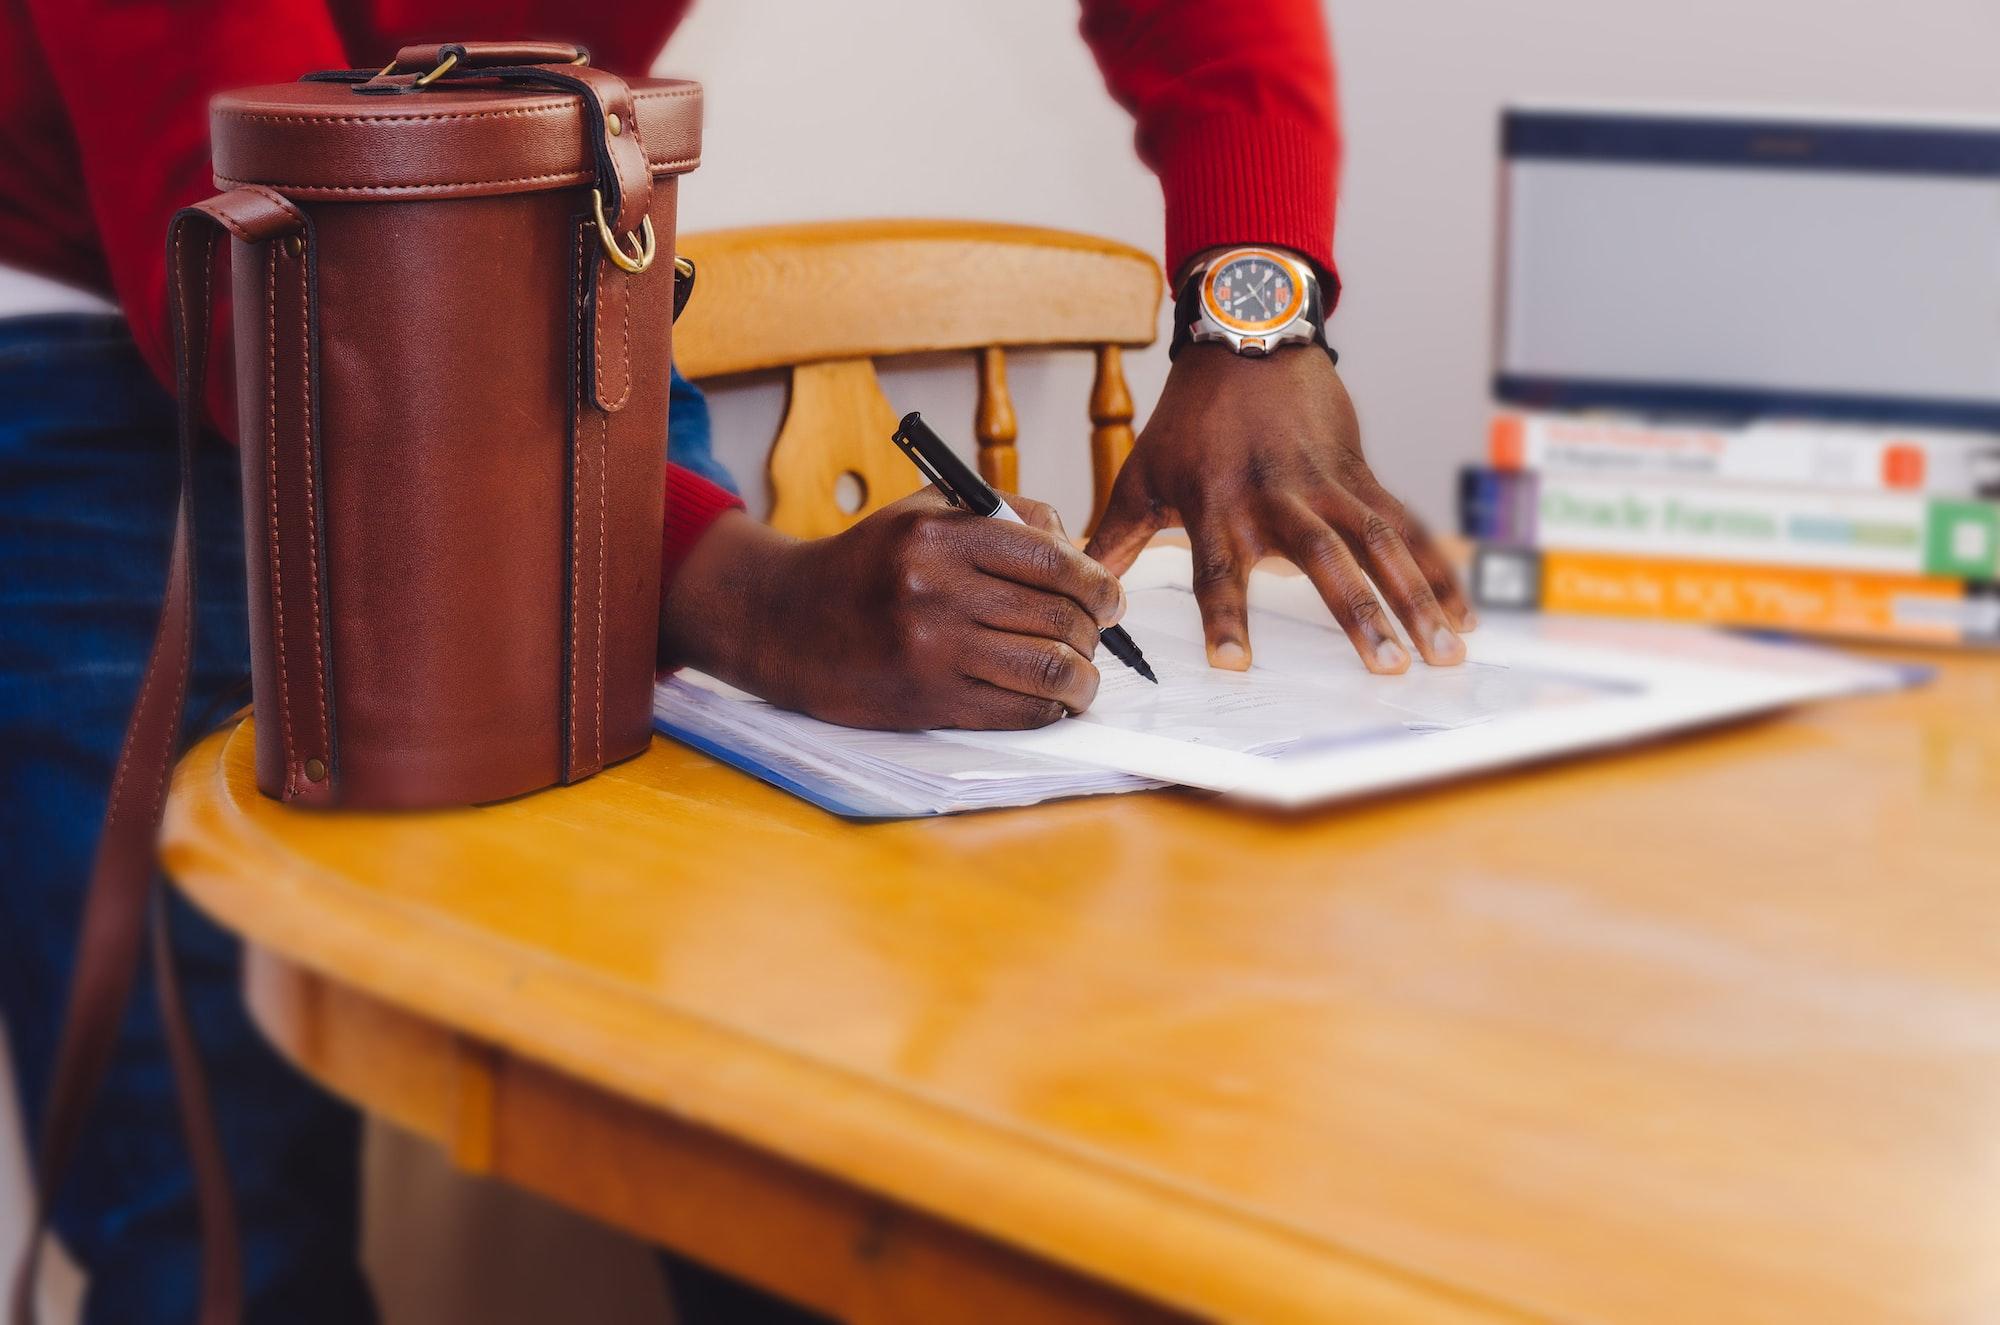 Dispensa de Alvará e Licenças para Microempreendedor Individual.